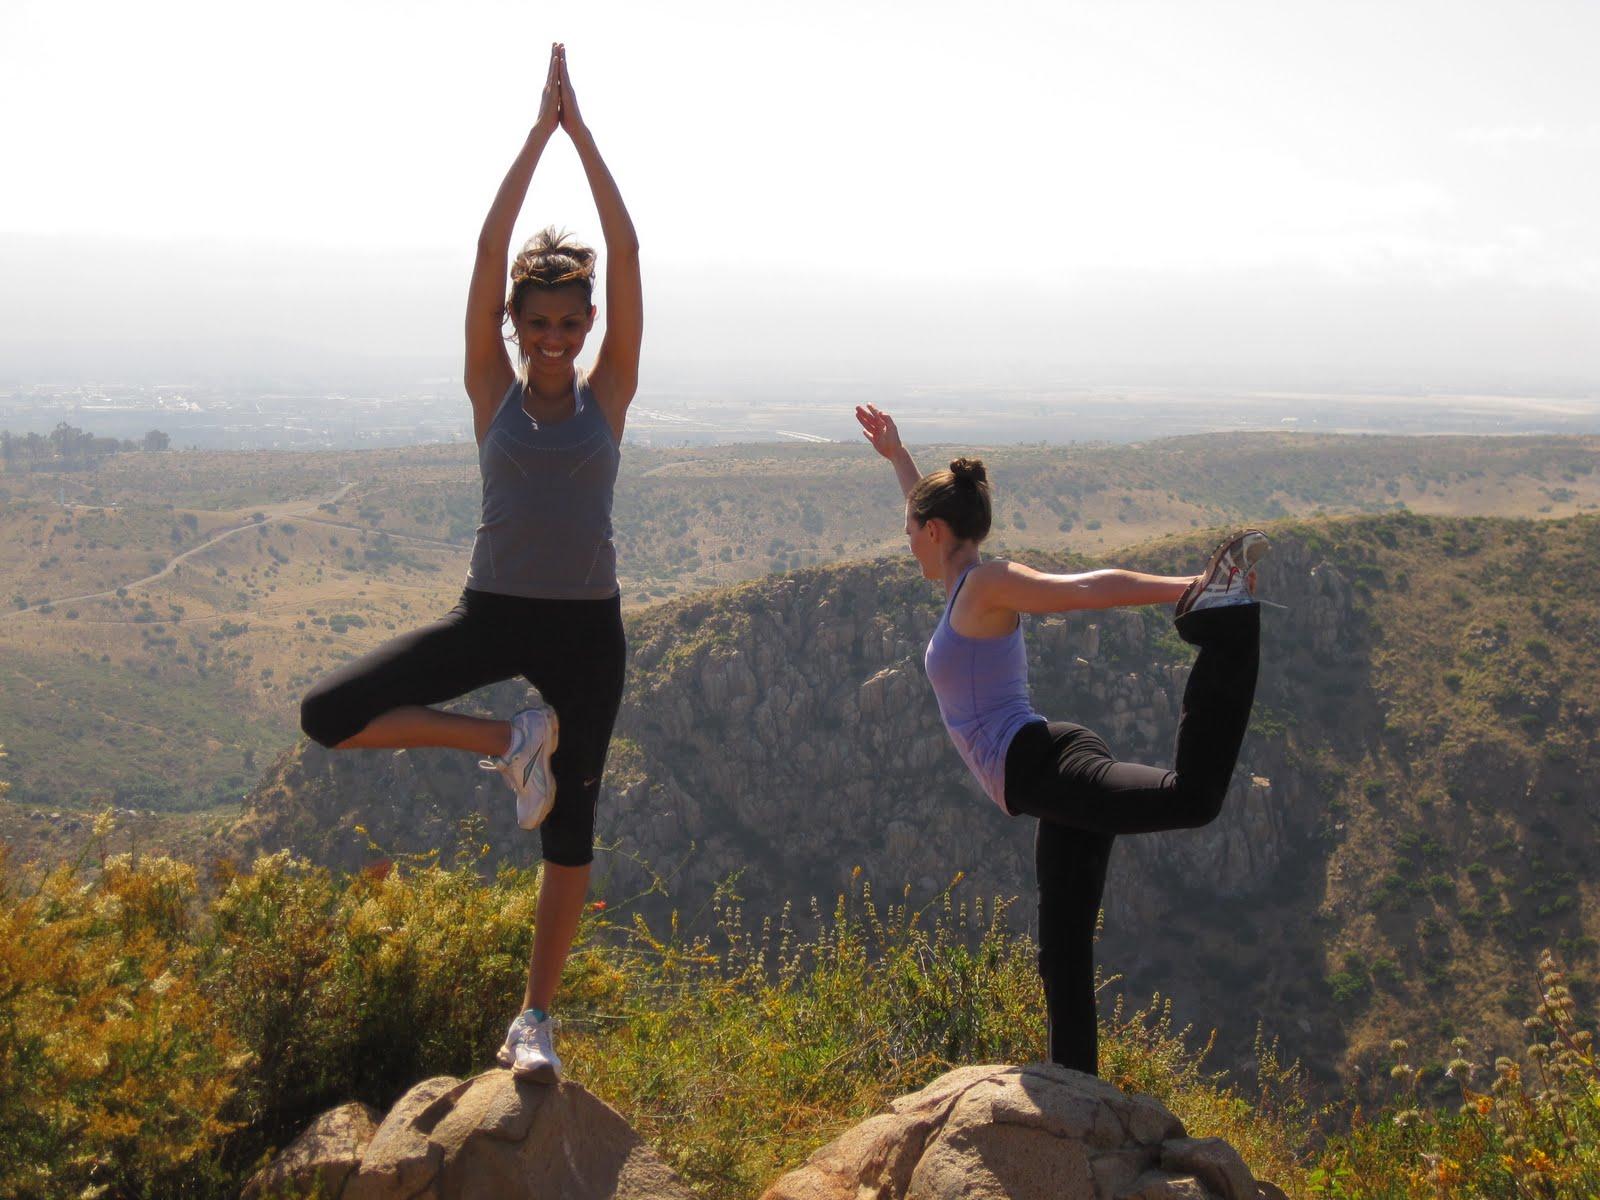 http://1.bp.blogspot.com/-fRTJW5C0xkU/TfYyatja5yI/AAAAAAAAAKo/dKqDgzeiKFw/s1600/yoga.JPG